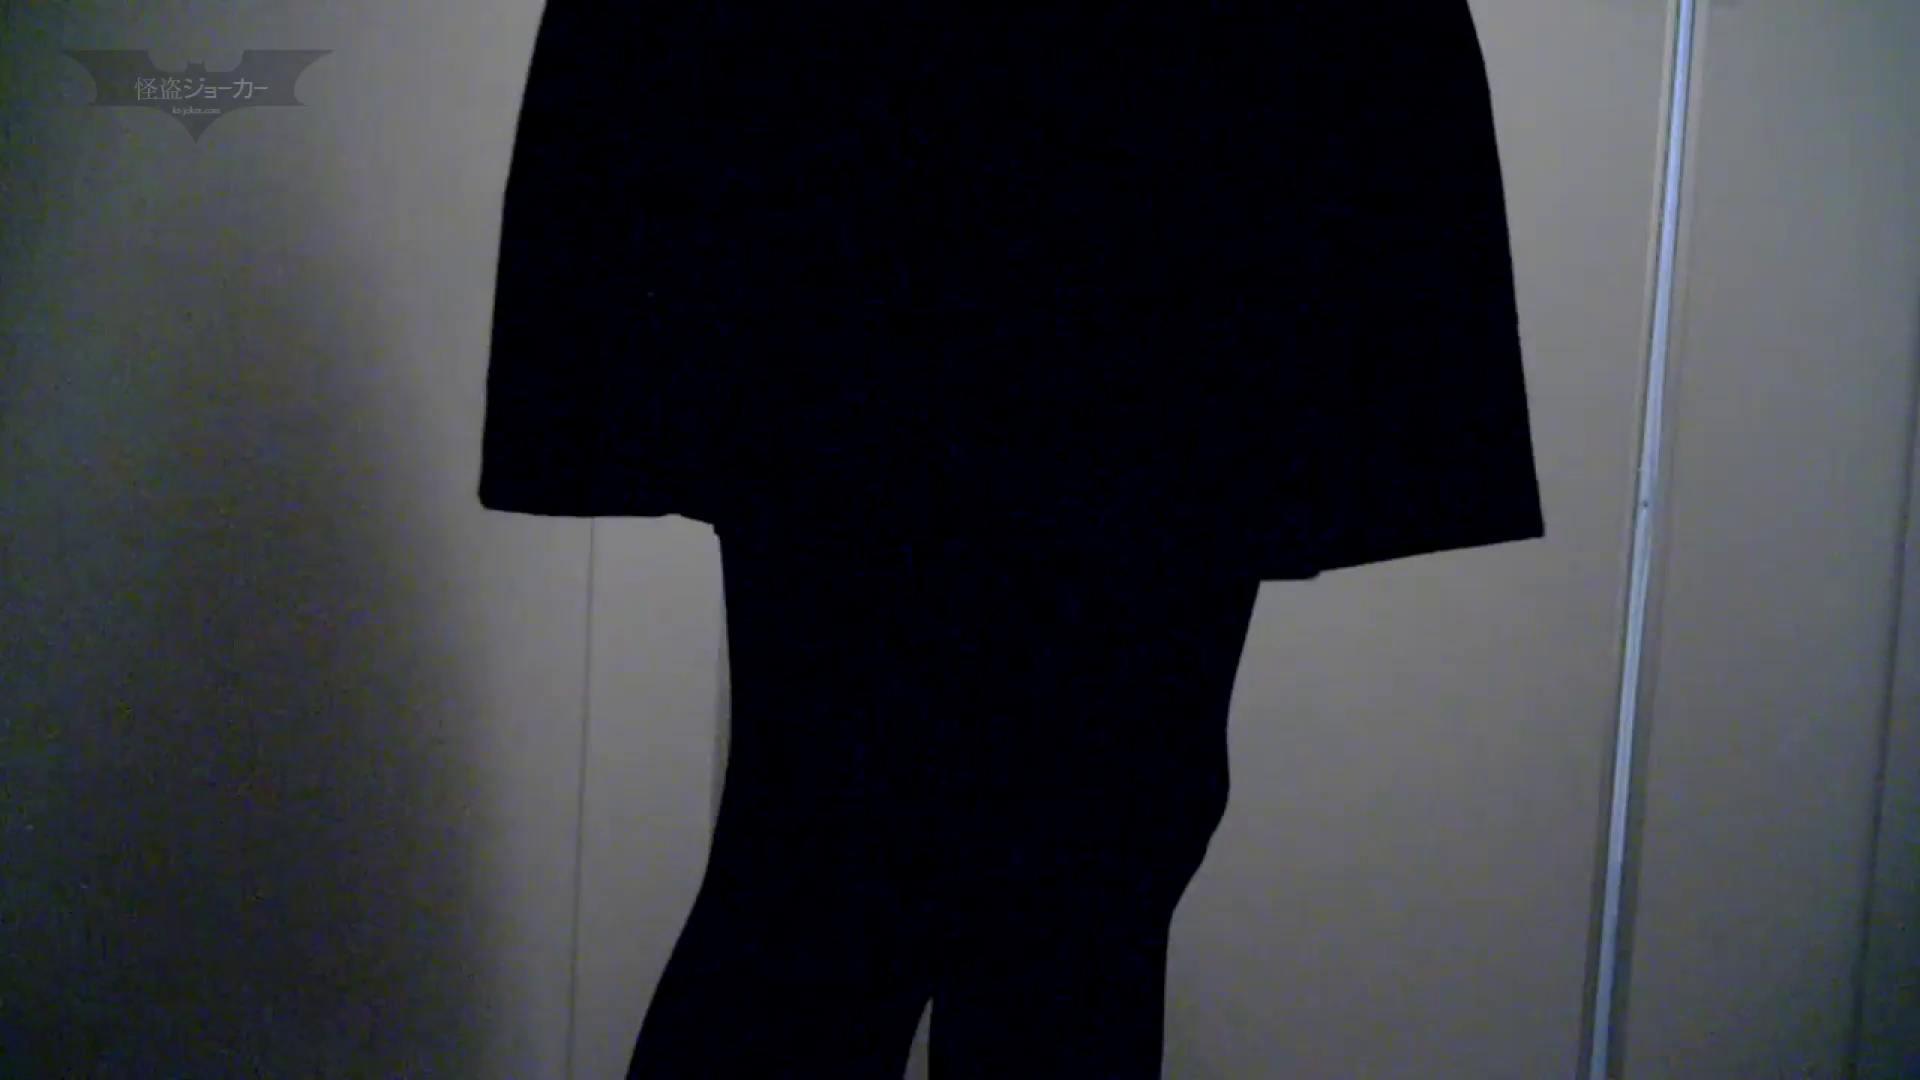 有名大学女性洗面所 vol.57 S級美女マルチアングル撮り!! 潜入 盗撮セックス無修正動画無料 103pic 12